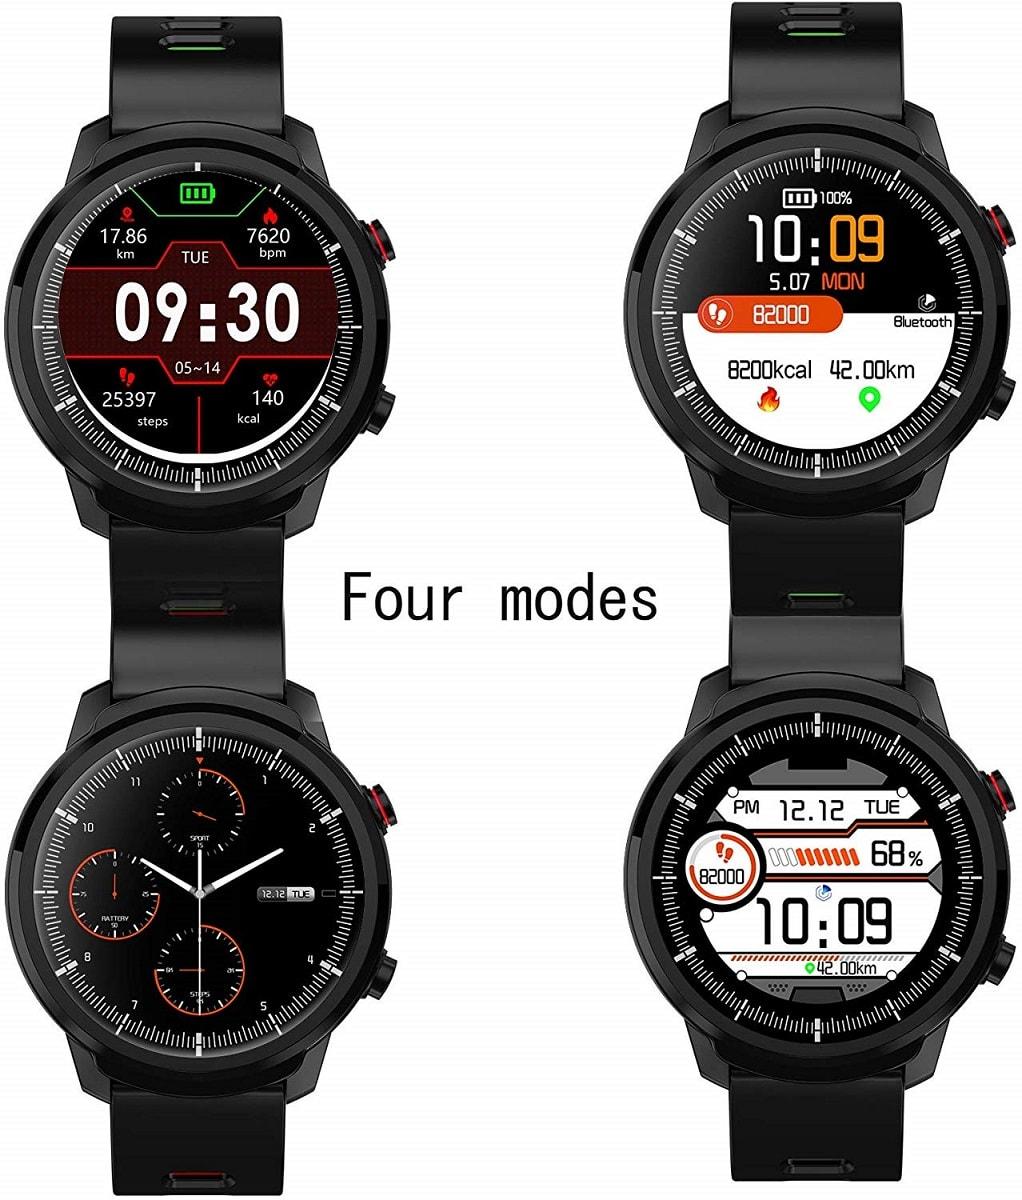 gidea tech smartwatch 2 image